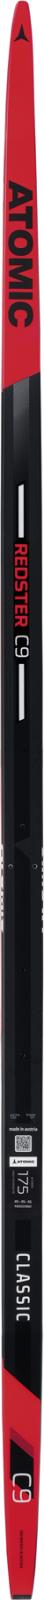 Atomic Redster C9 Jr